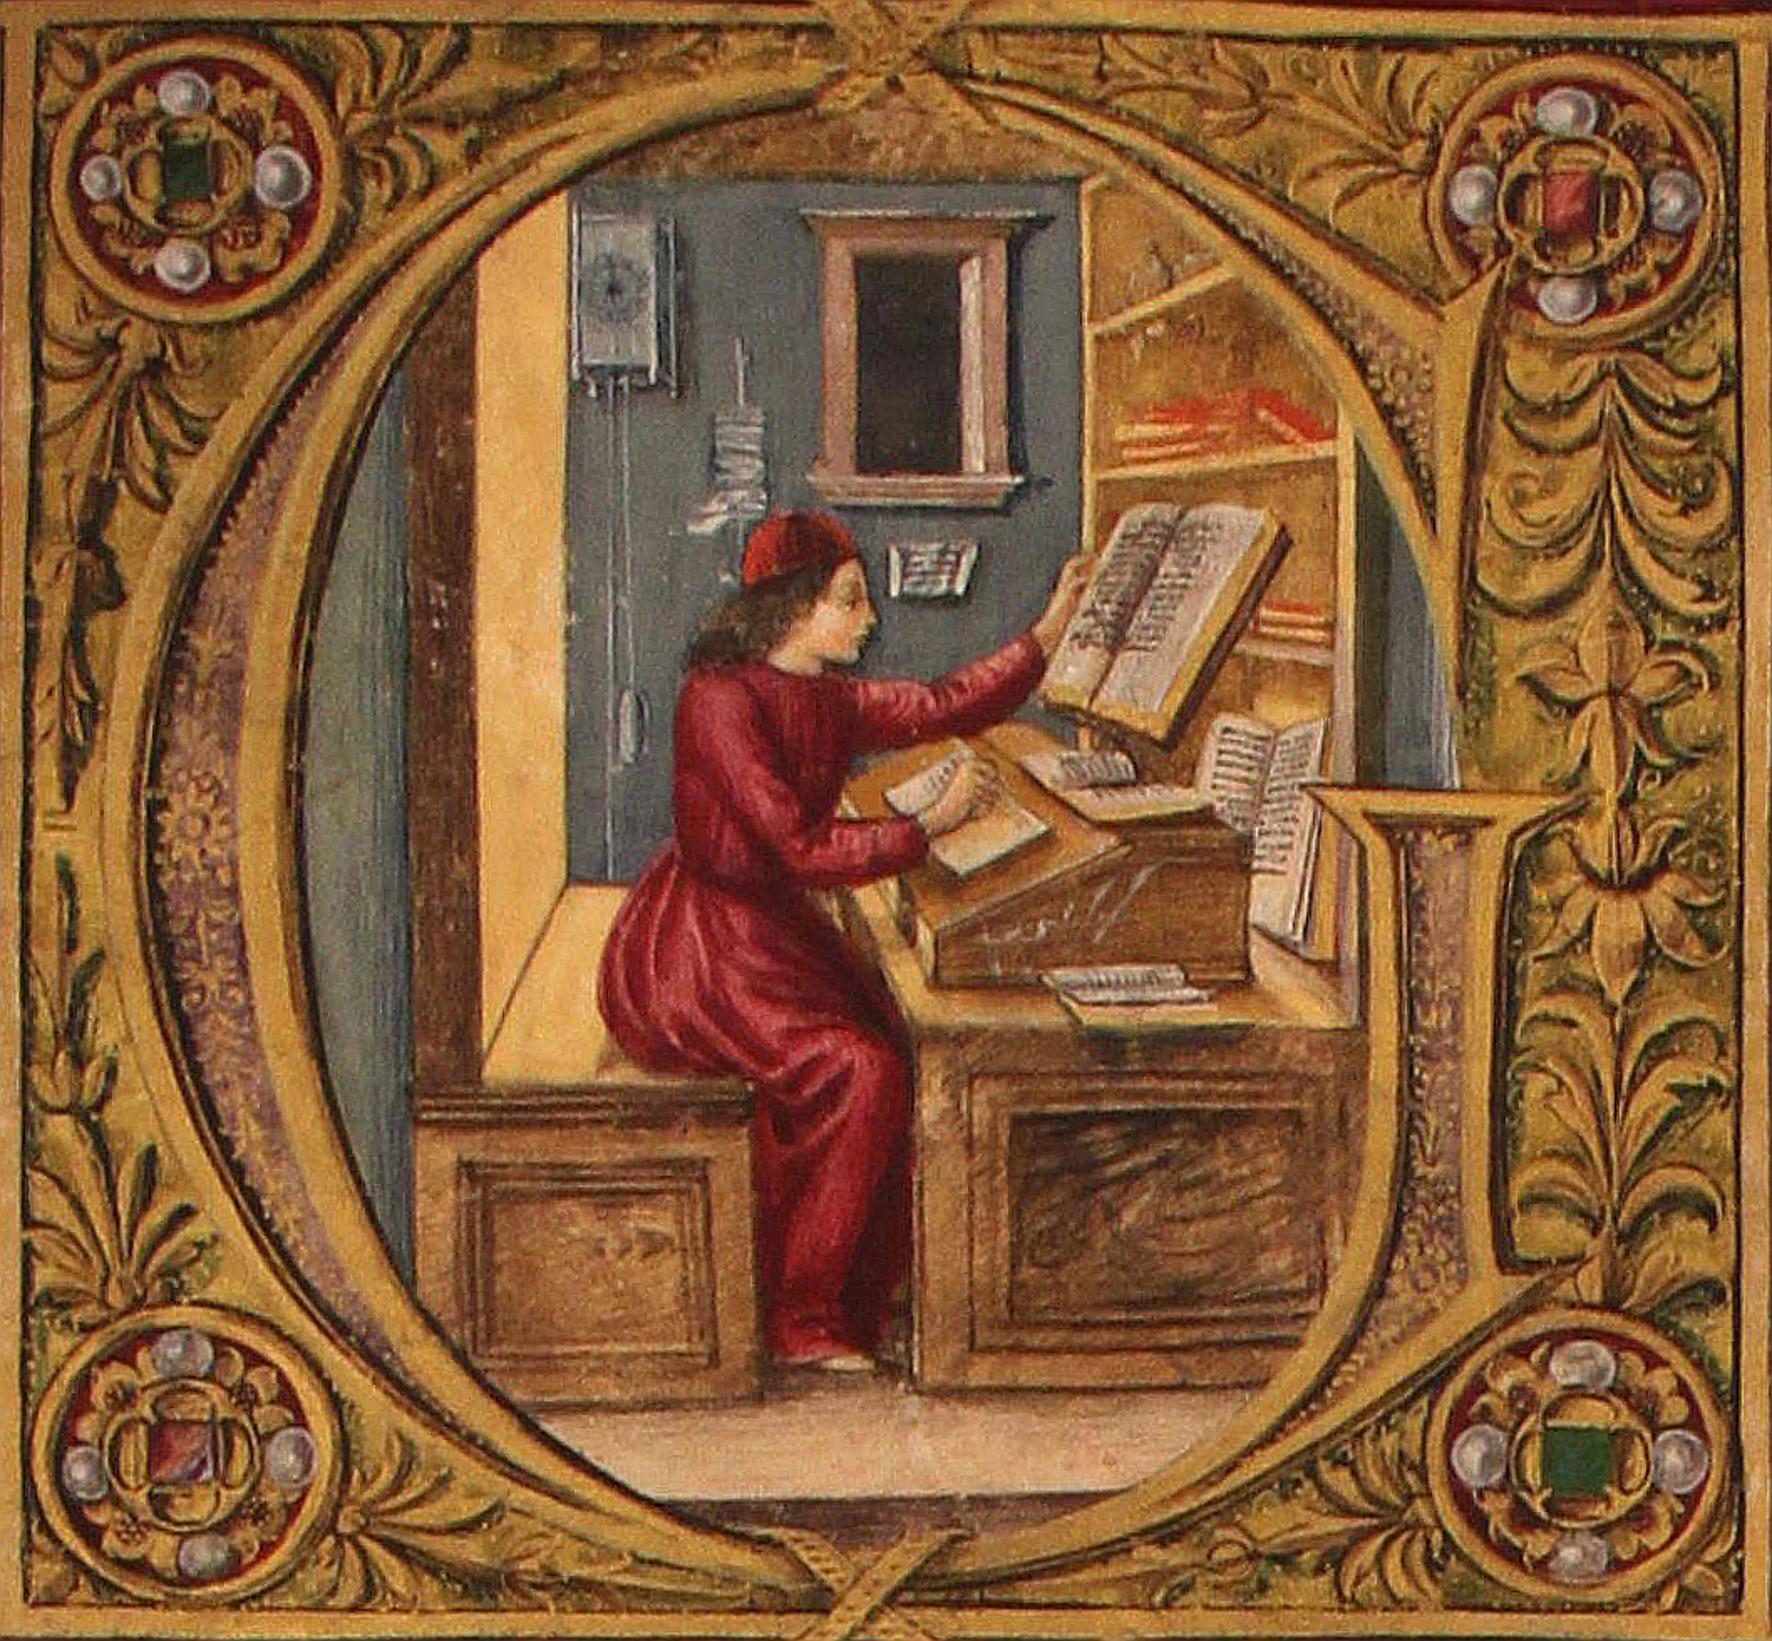 Miniatura di scuola fiorentina della lettera G maiuscola attribuita a Attavante Attavanti, circa 1480